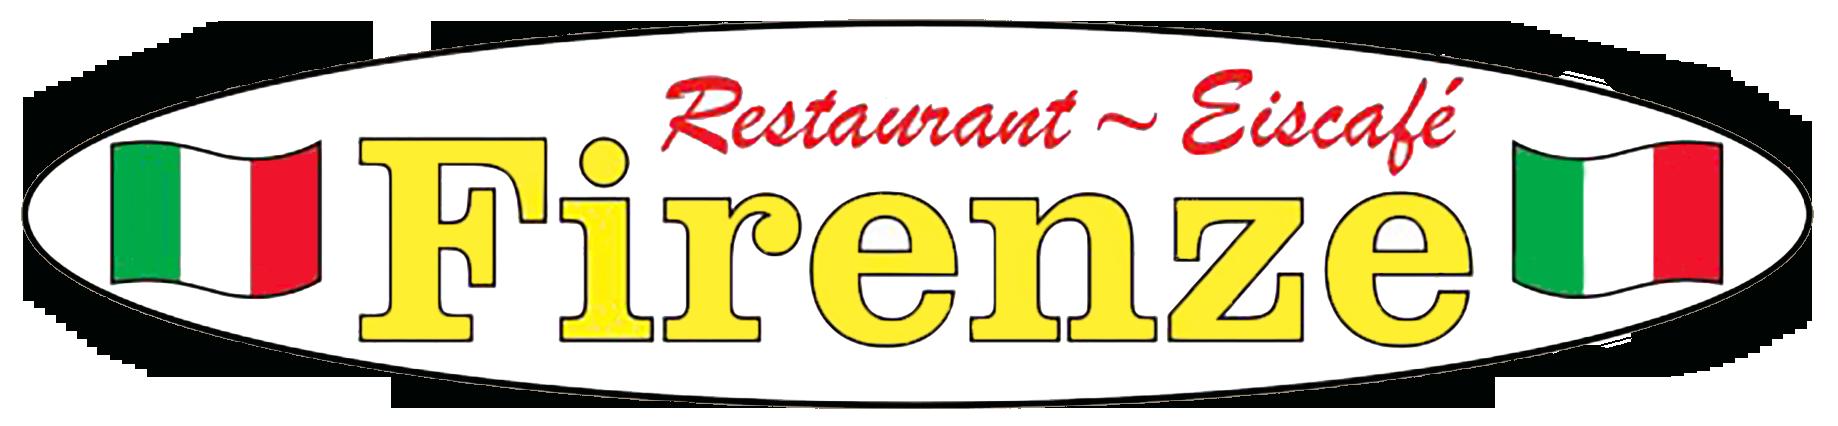 Firenze - Restaurant Eiscafé